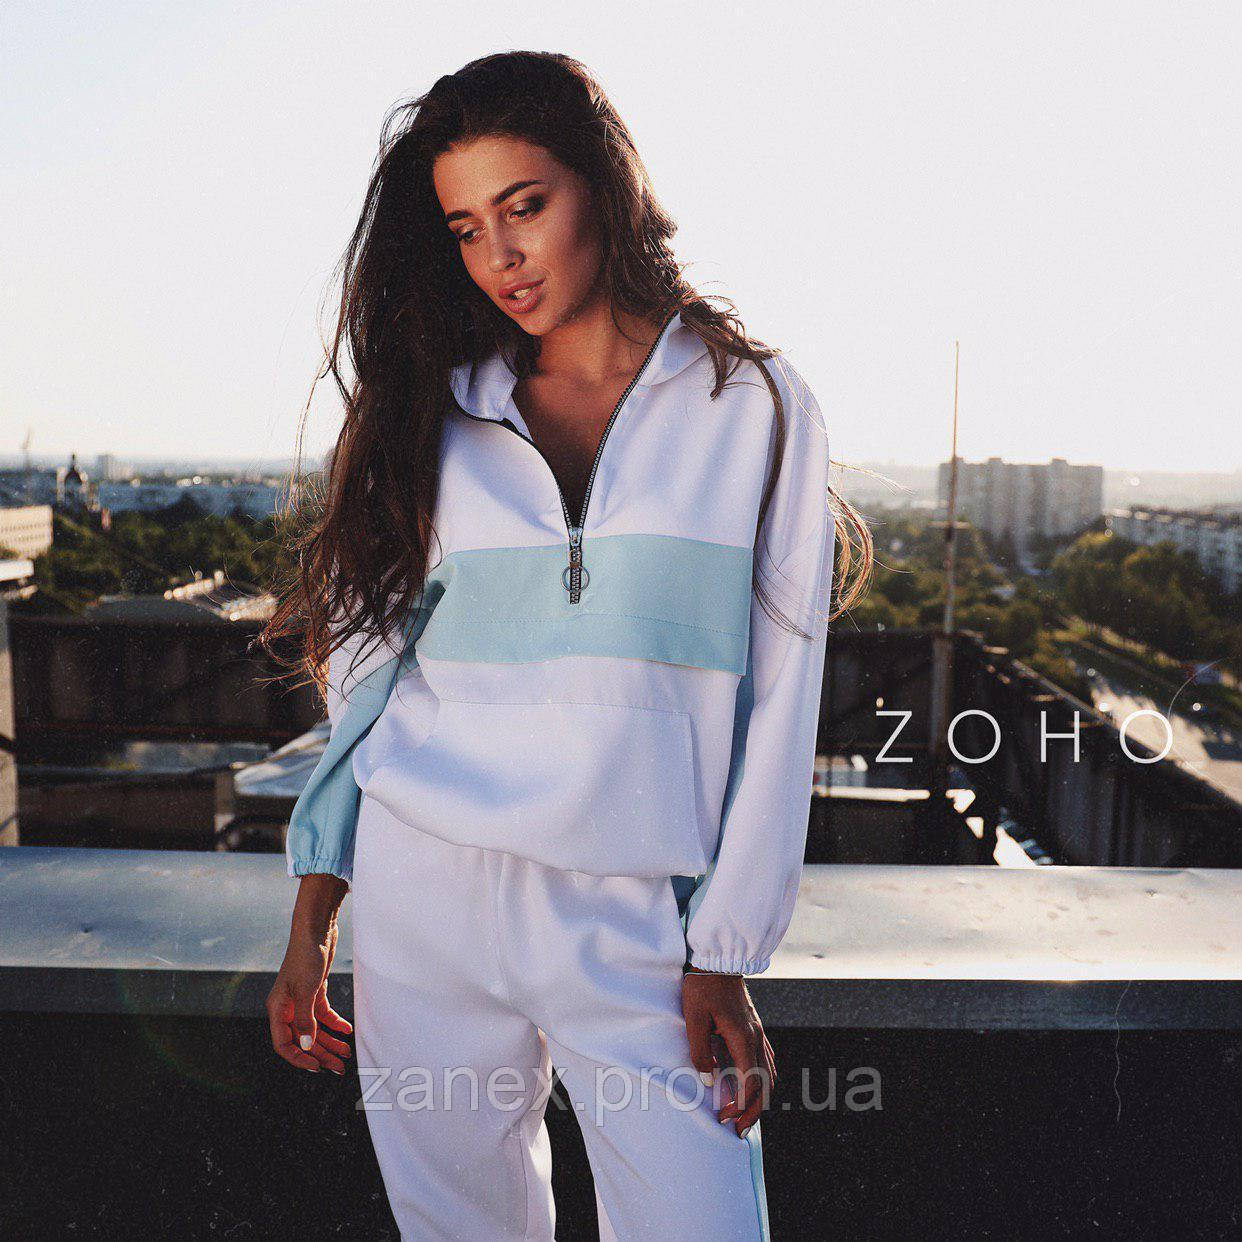 Идеальный осенний костюм Zanex, белый/голубой